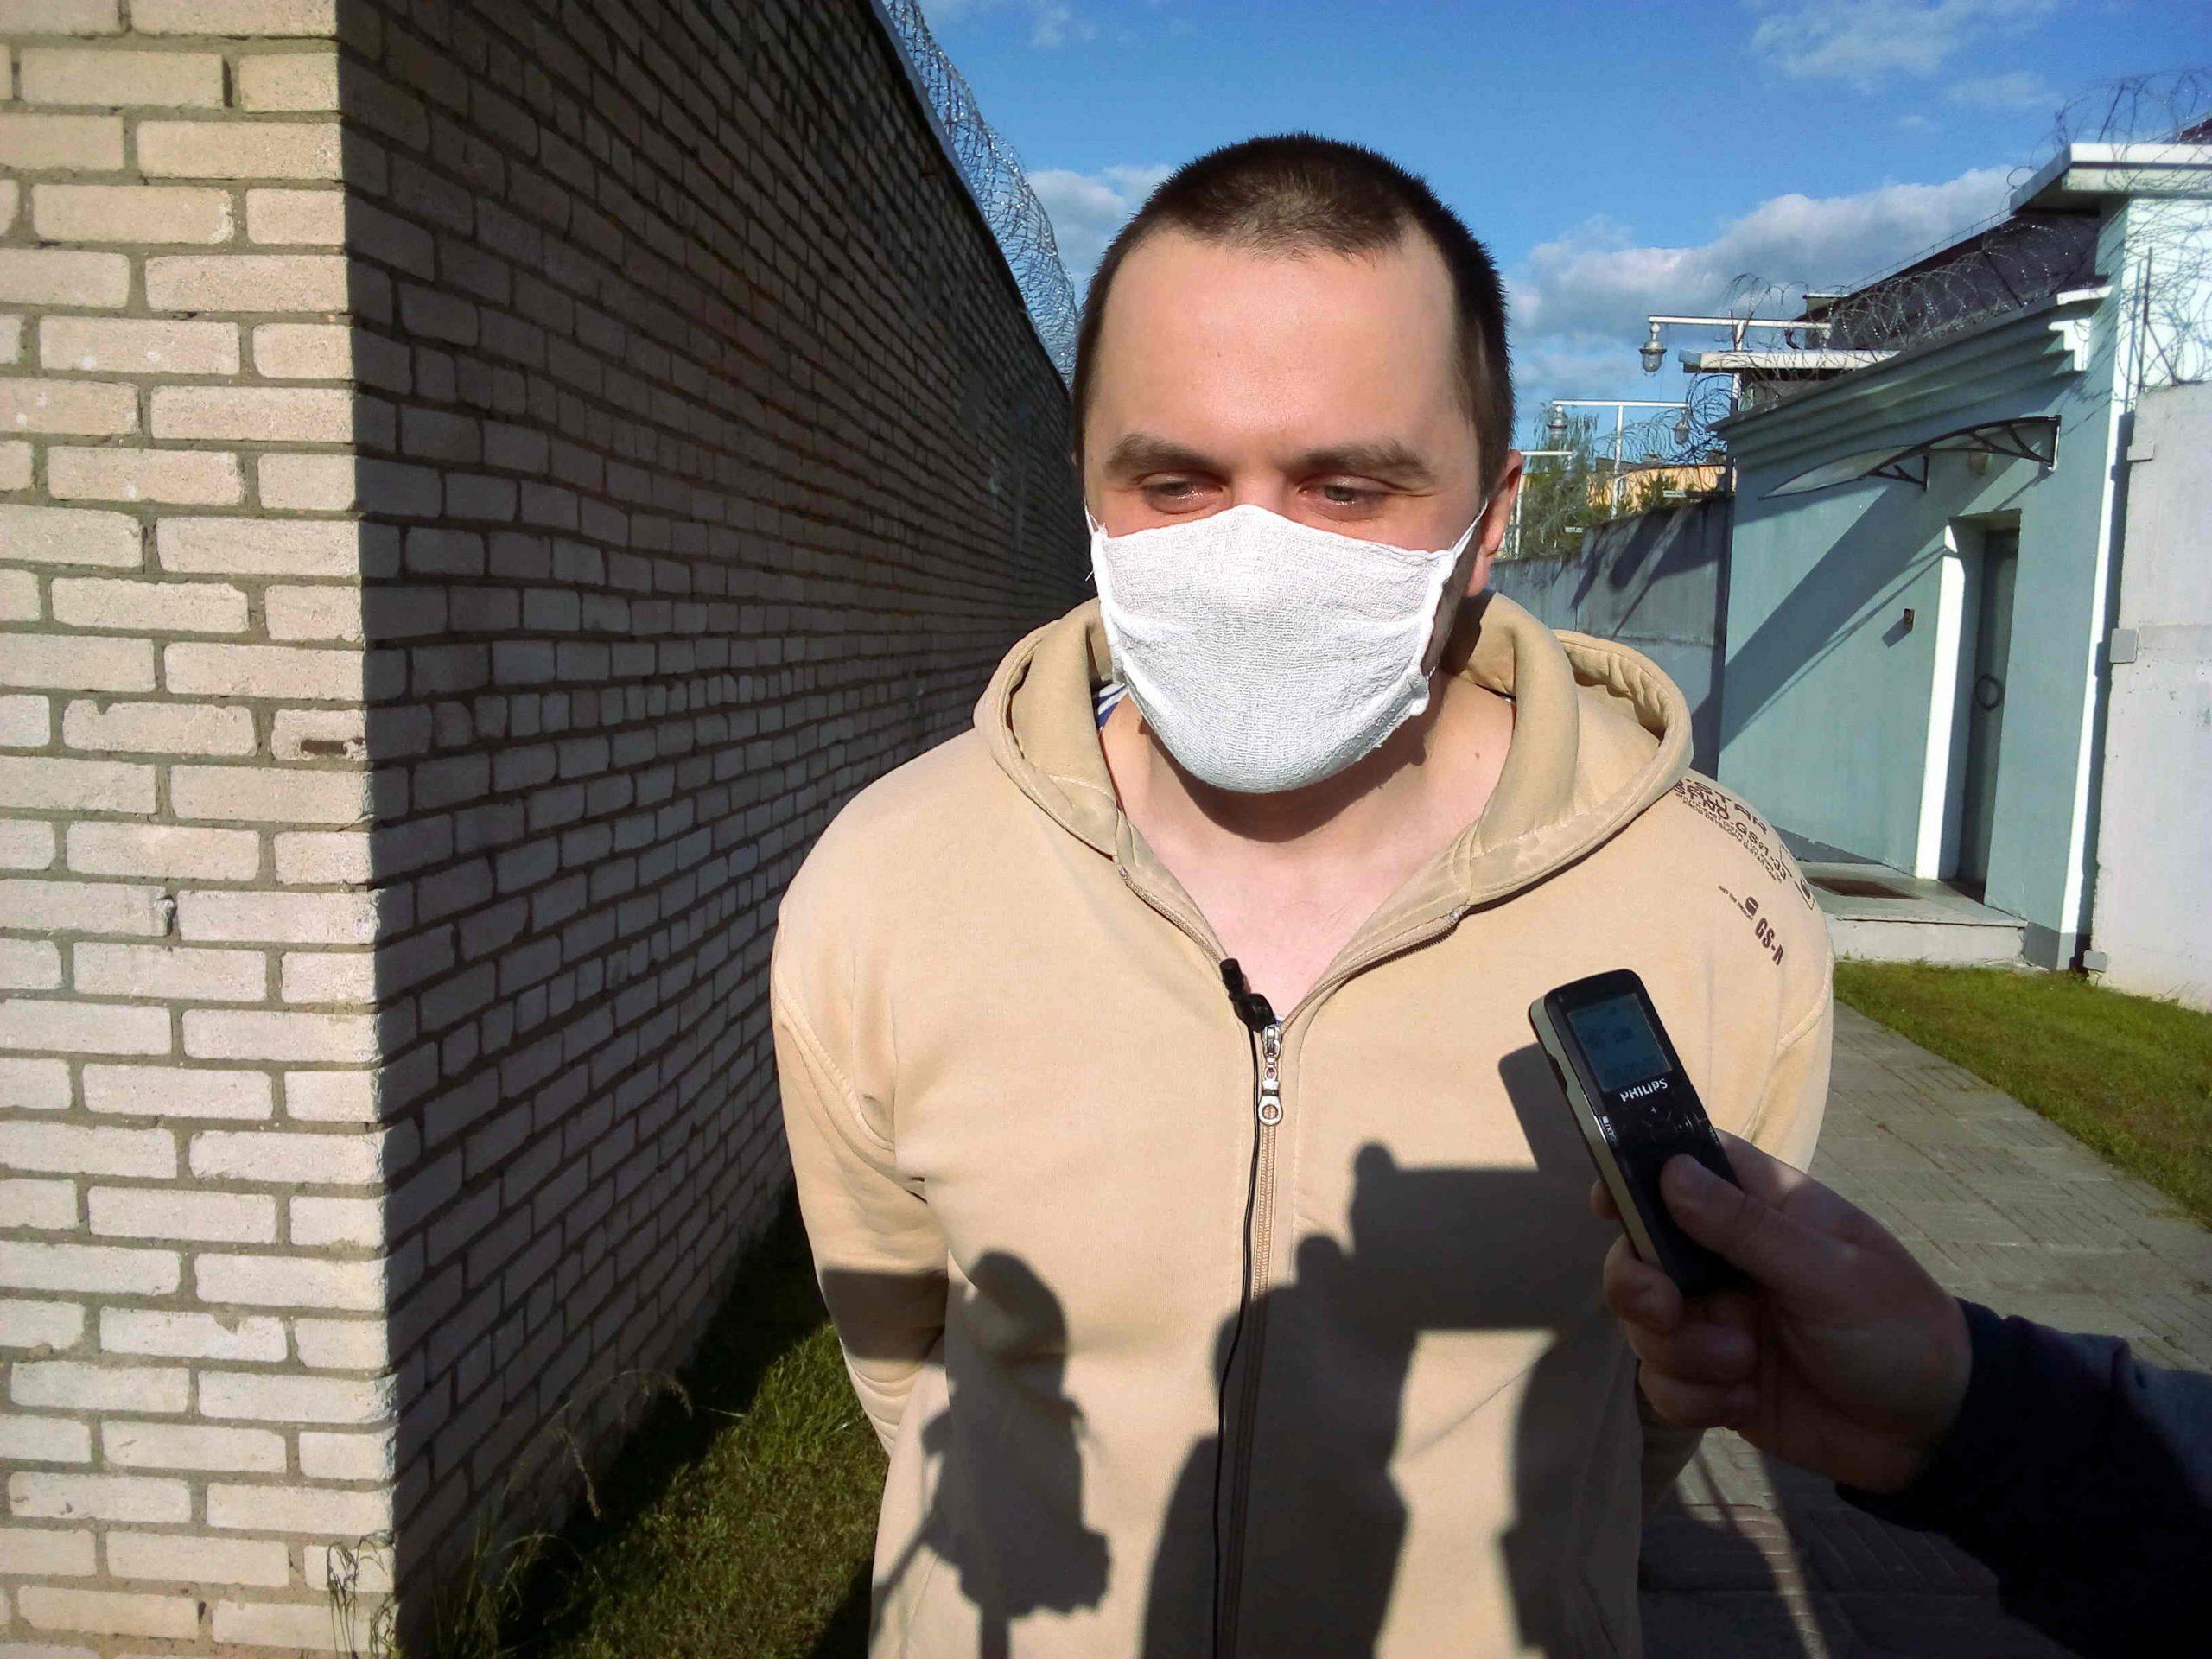 Станислав Павлинкович вышел из могилёвского ИВС и сообщил, что ему дали ещё 15 суток